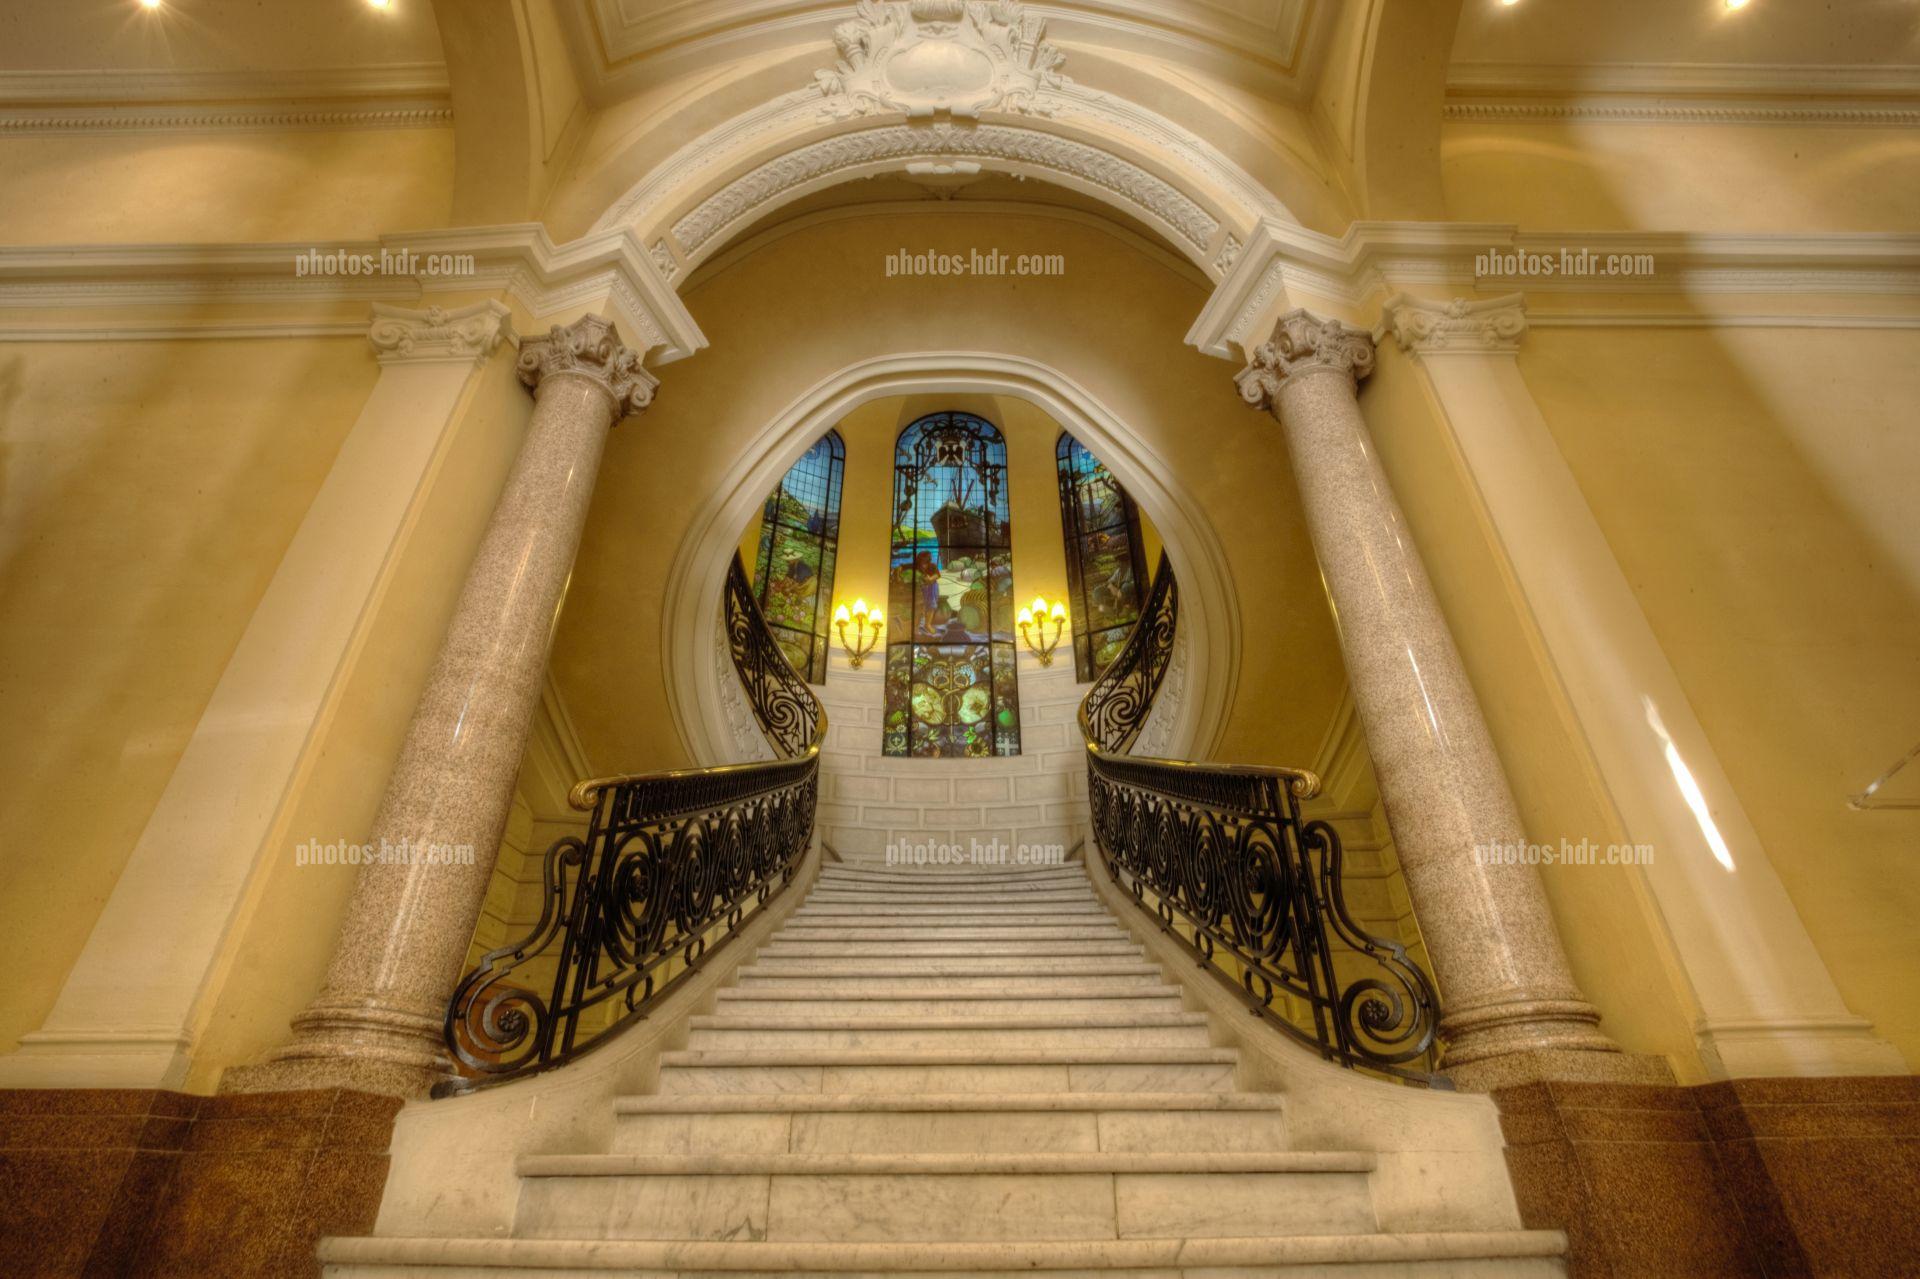 Photo grand escalier cci nice cote d 39 azur photos hdr - Chambre de commerce et d industrie nice cote d azur ...